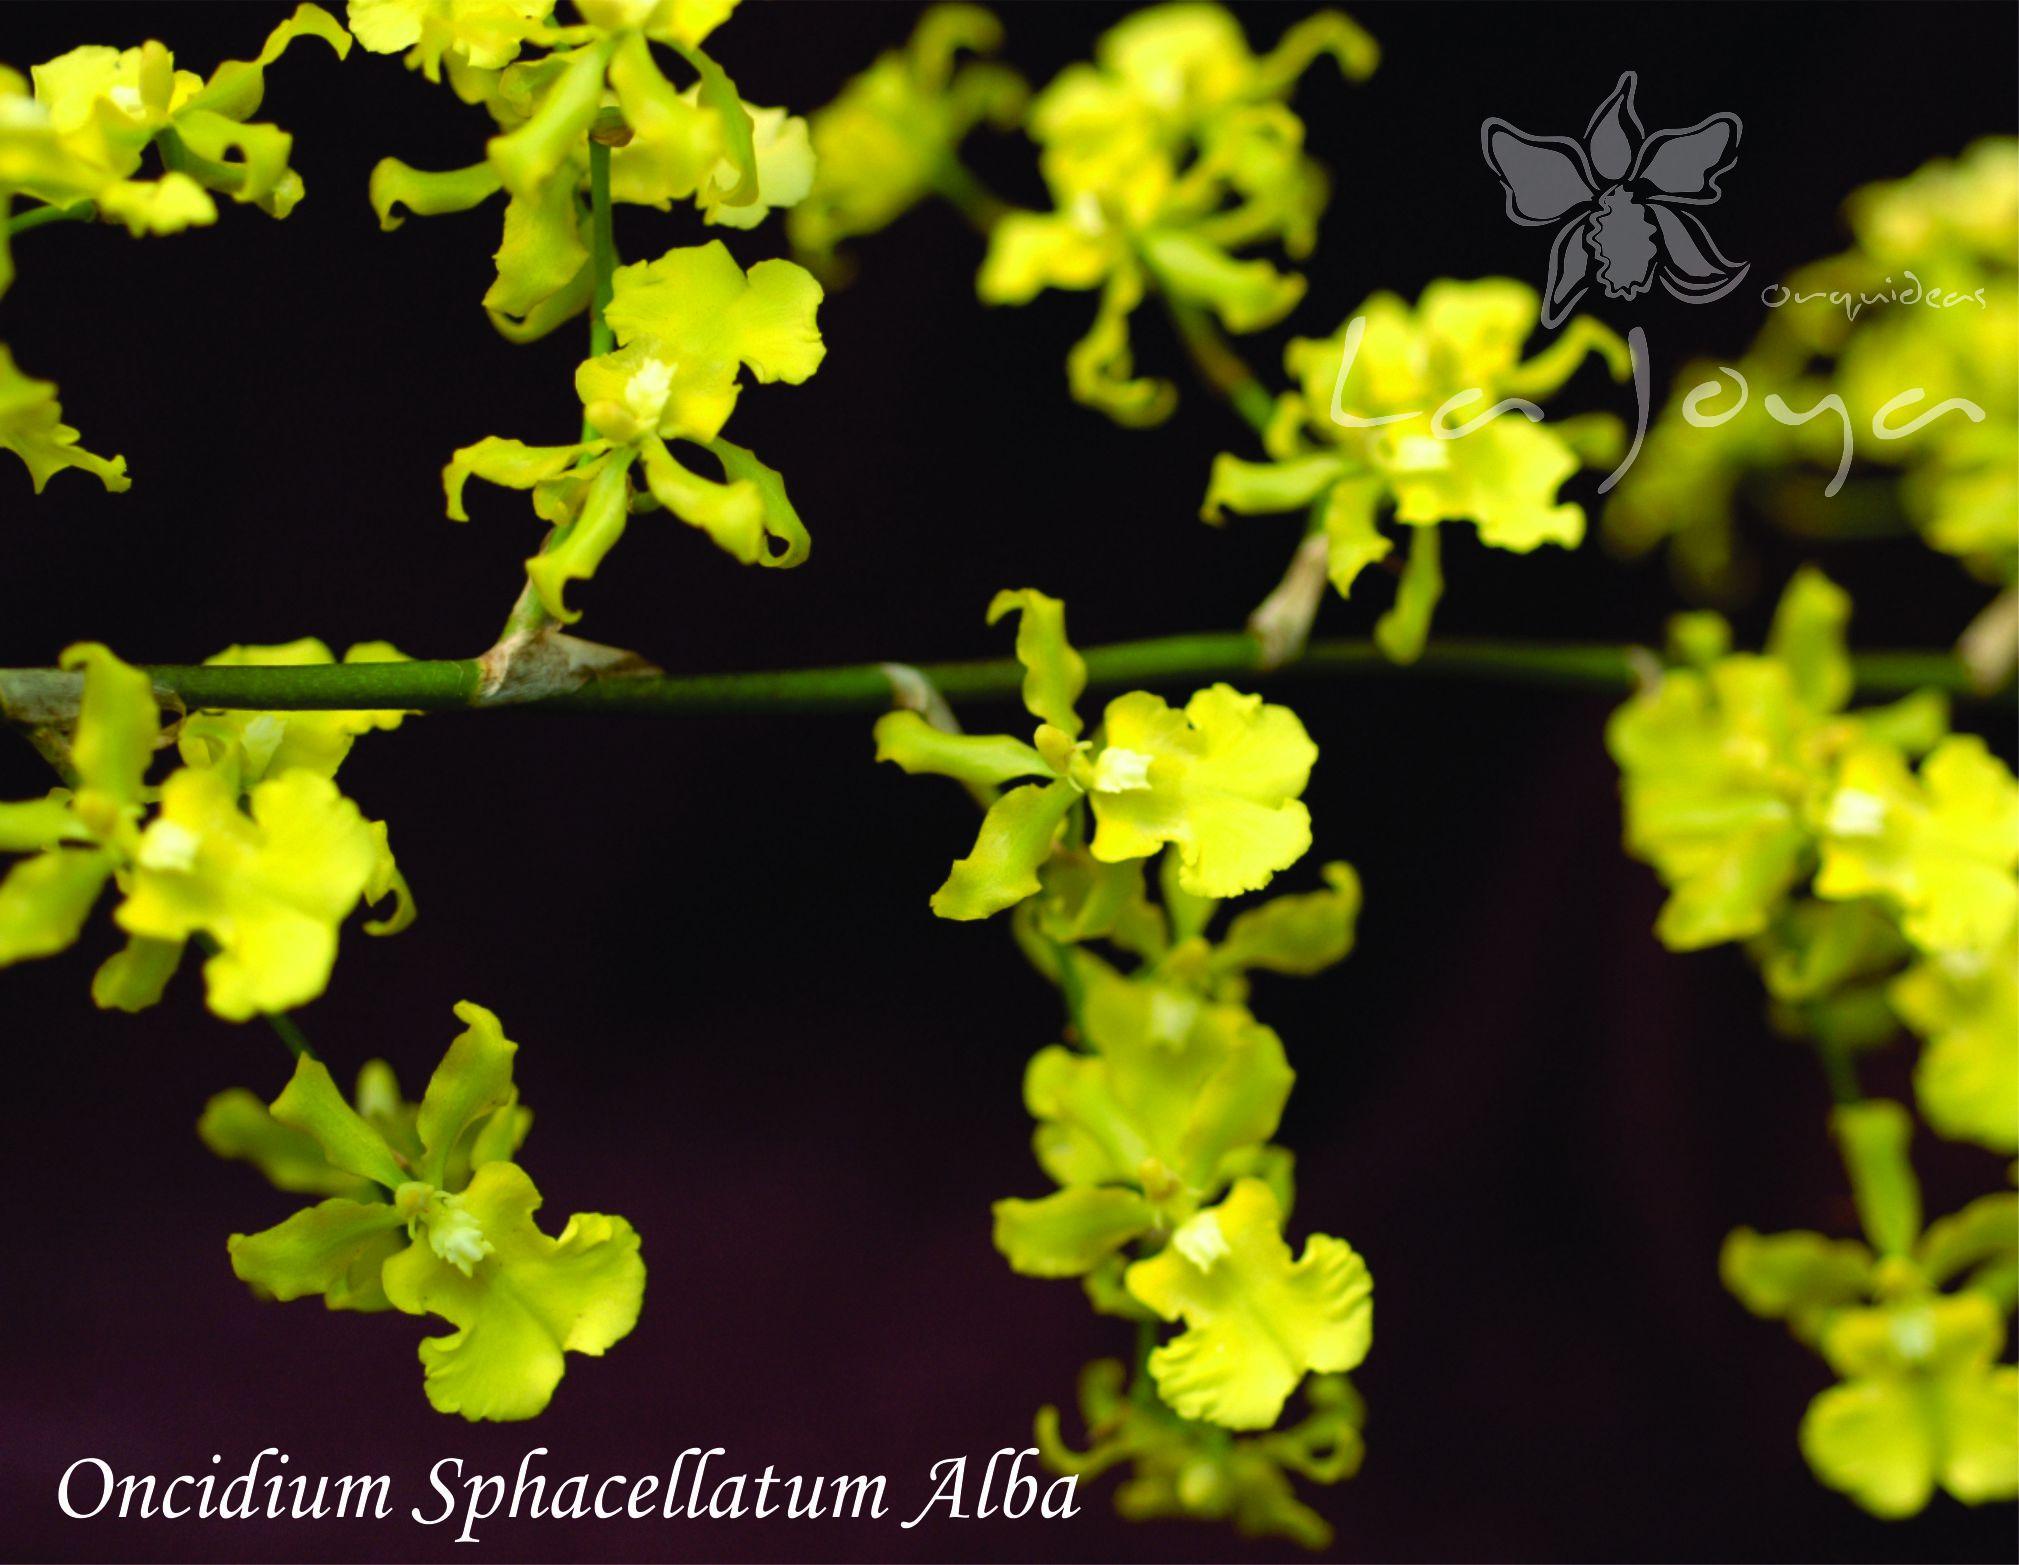 Oncidium Sphacellatum Alba